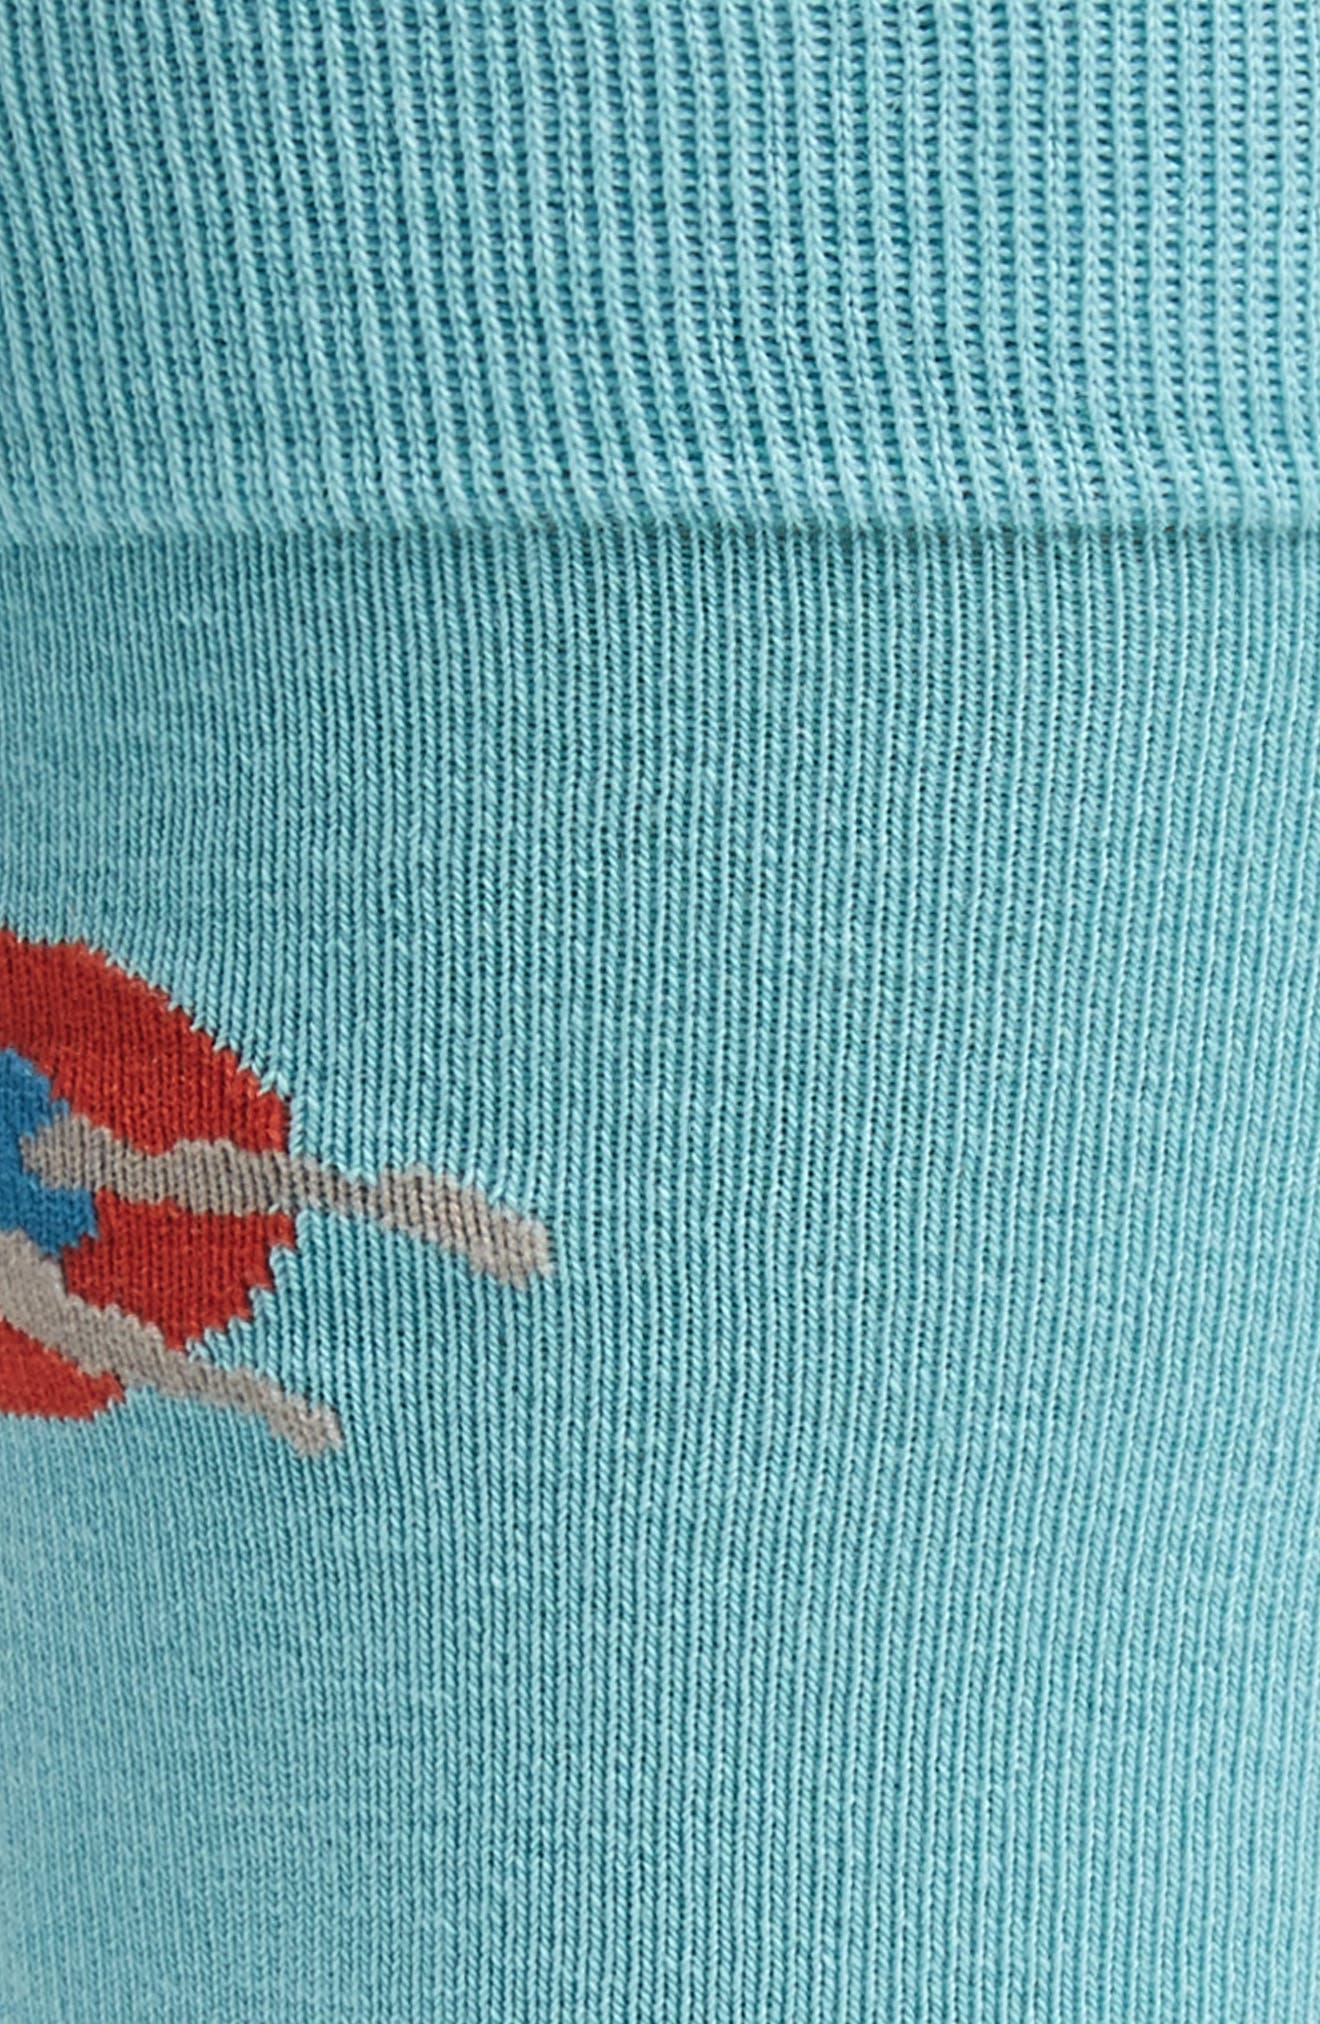 Alternate Image 2  - Stance Lunchbreak Socks